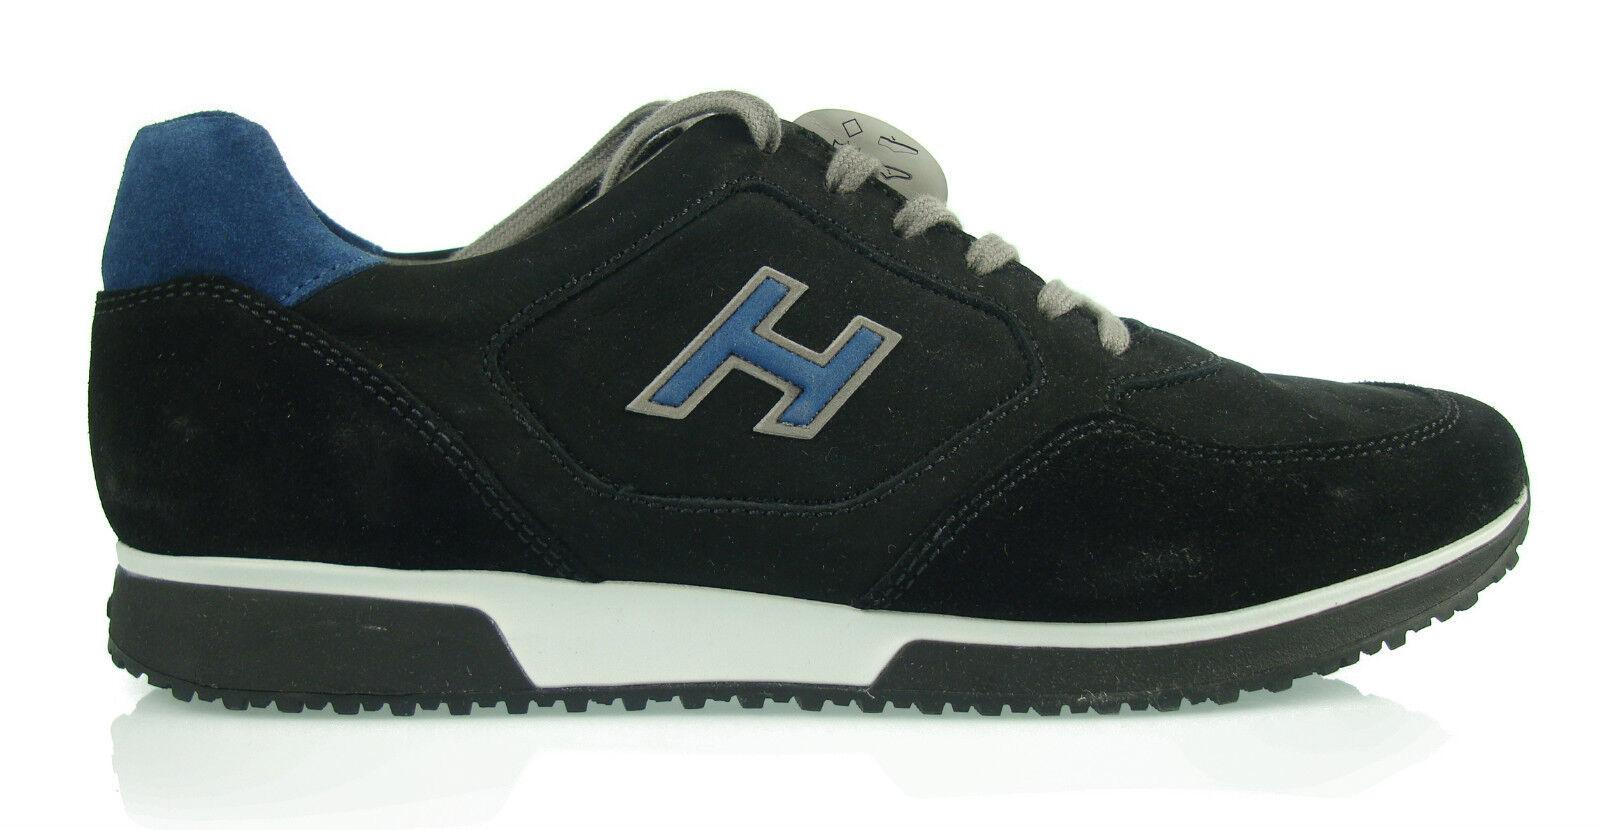 HOGAN INTERACTIVE zapatos de hombre nuevo H198 H REBAÑO 100% authent. m1